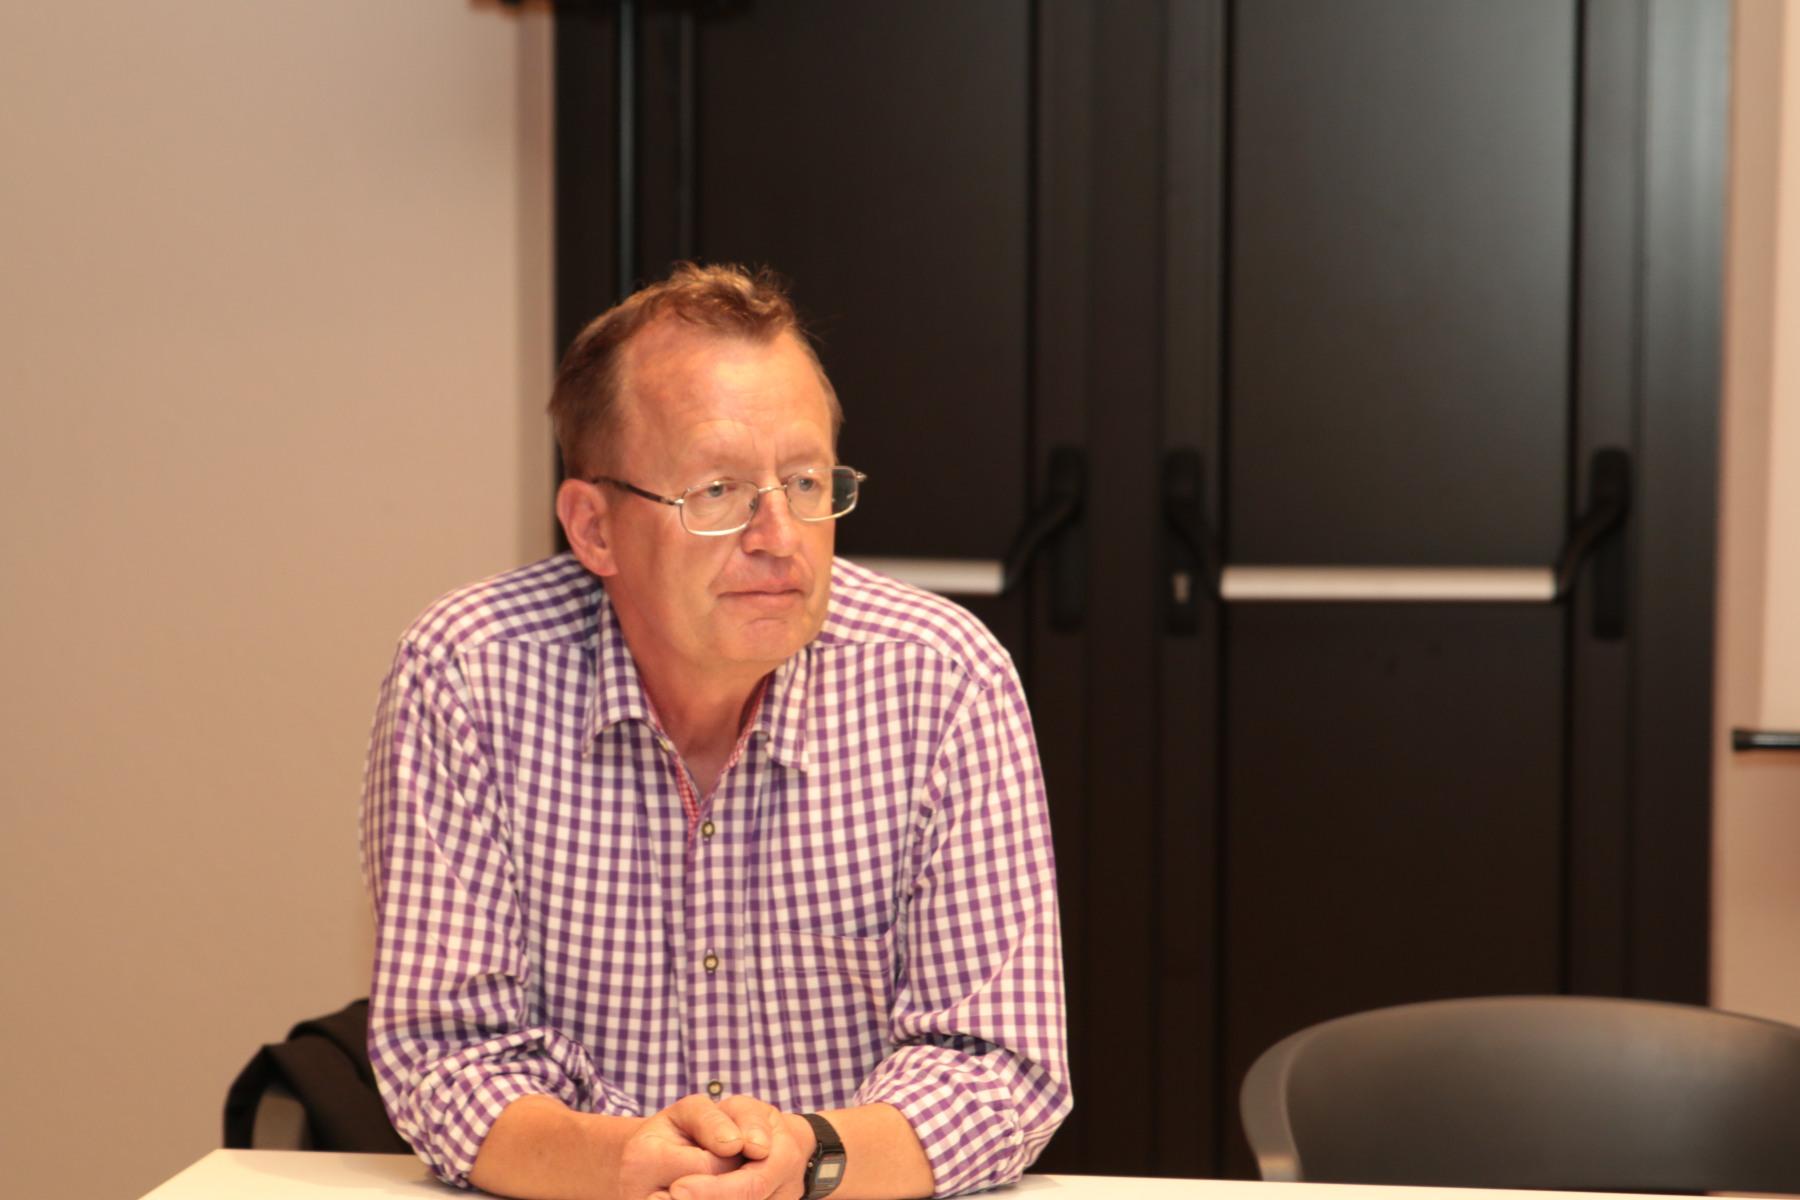 Südtiroler HeimatbundVor 50 Jahren starb Staatssekretär Univ.-Prof. Dr. Franz Gschnitzer